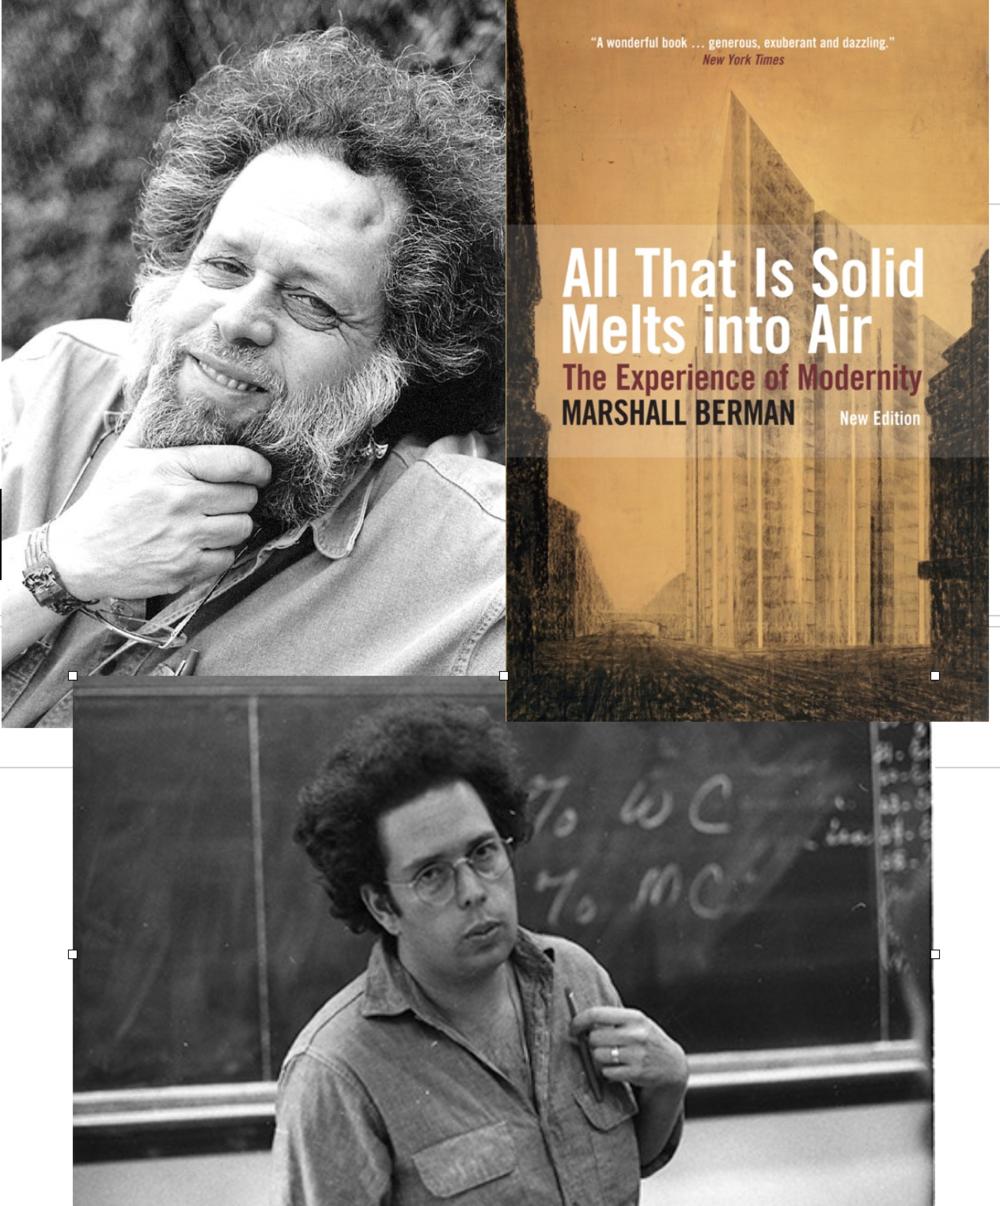 Marshall Berman fue un filósofo marxista. Curso sus estudios en la Universidad de Columbia y en la Universidad de Harvard. Fue Distinguished Professor de Ciencias Políticas en el City College New York.